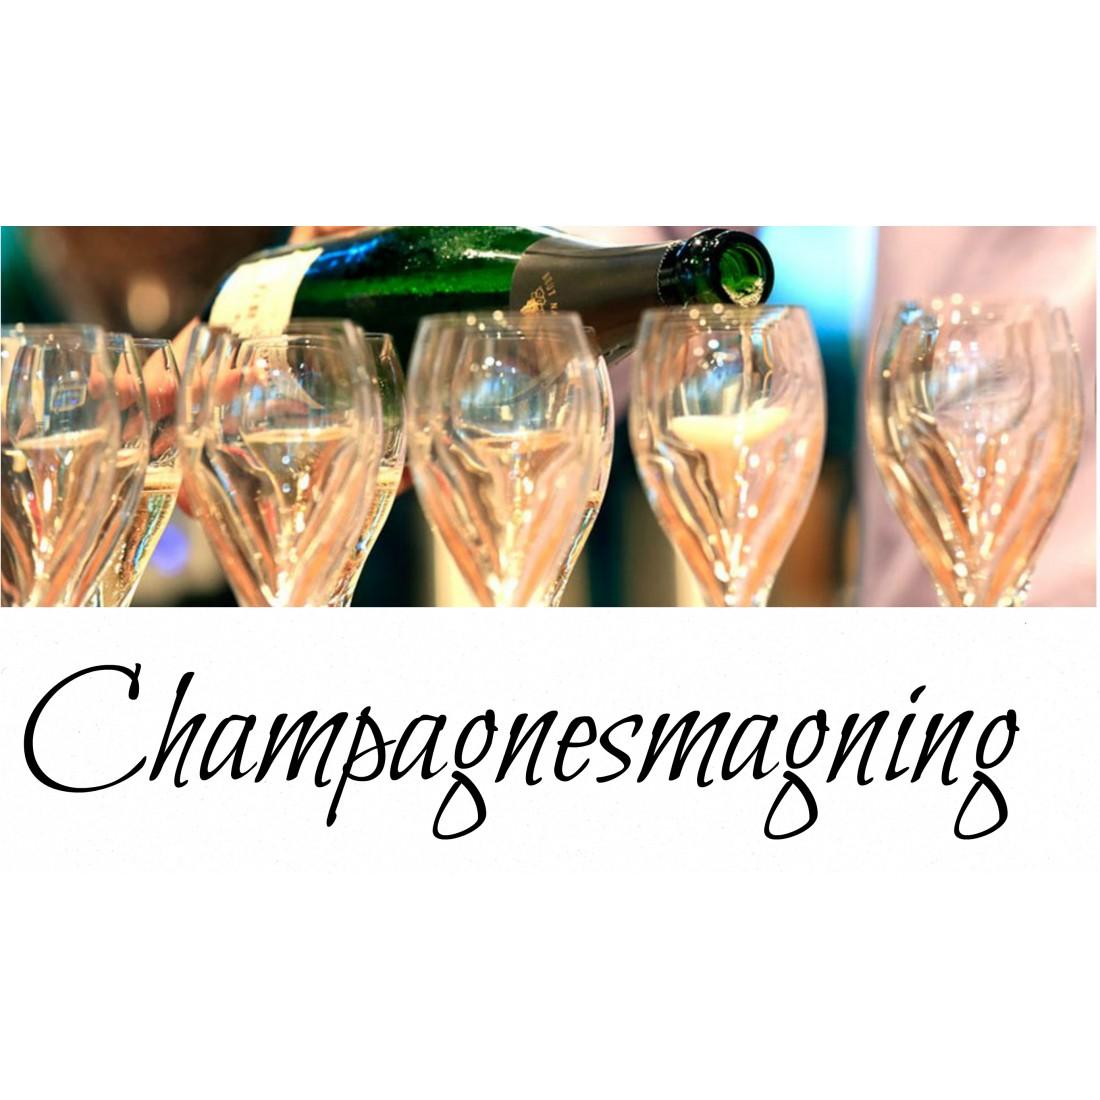 Champagnesmagning i Århus lørdag den 14 september kl. 20.00-31